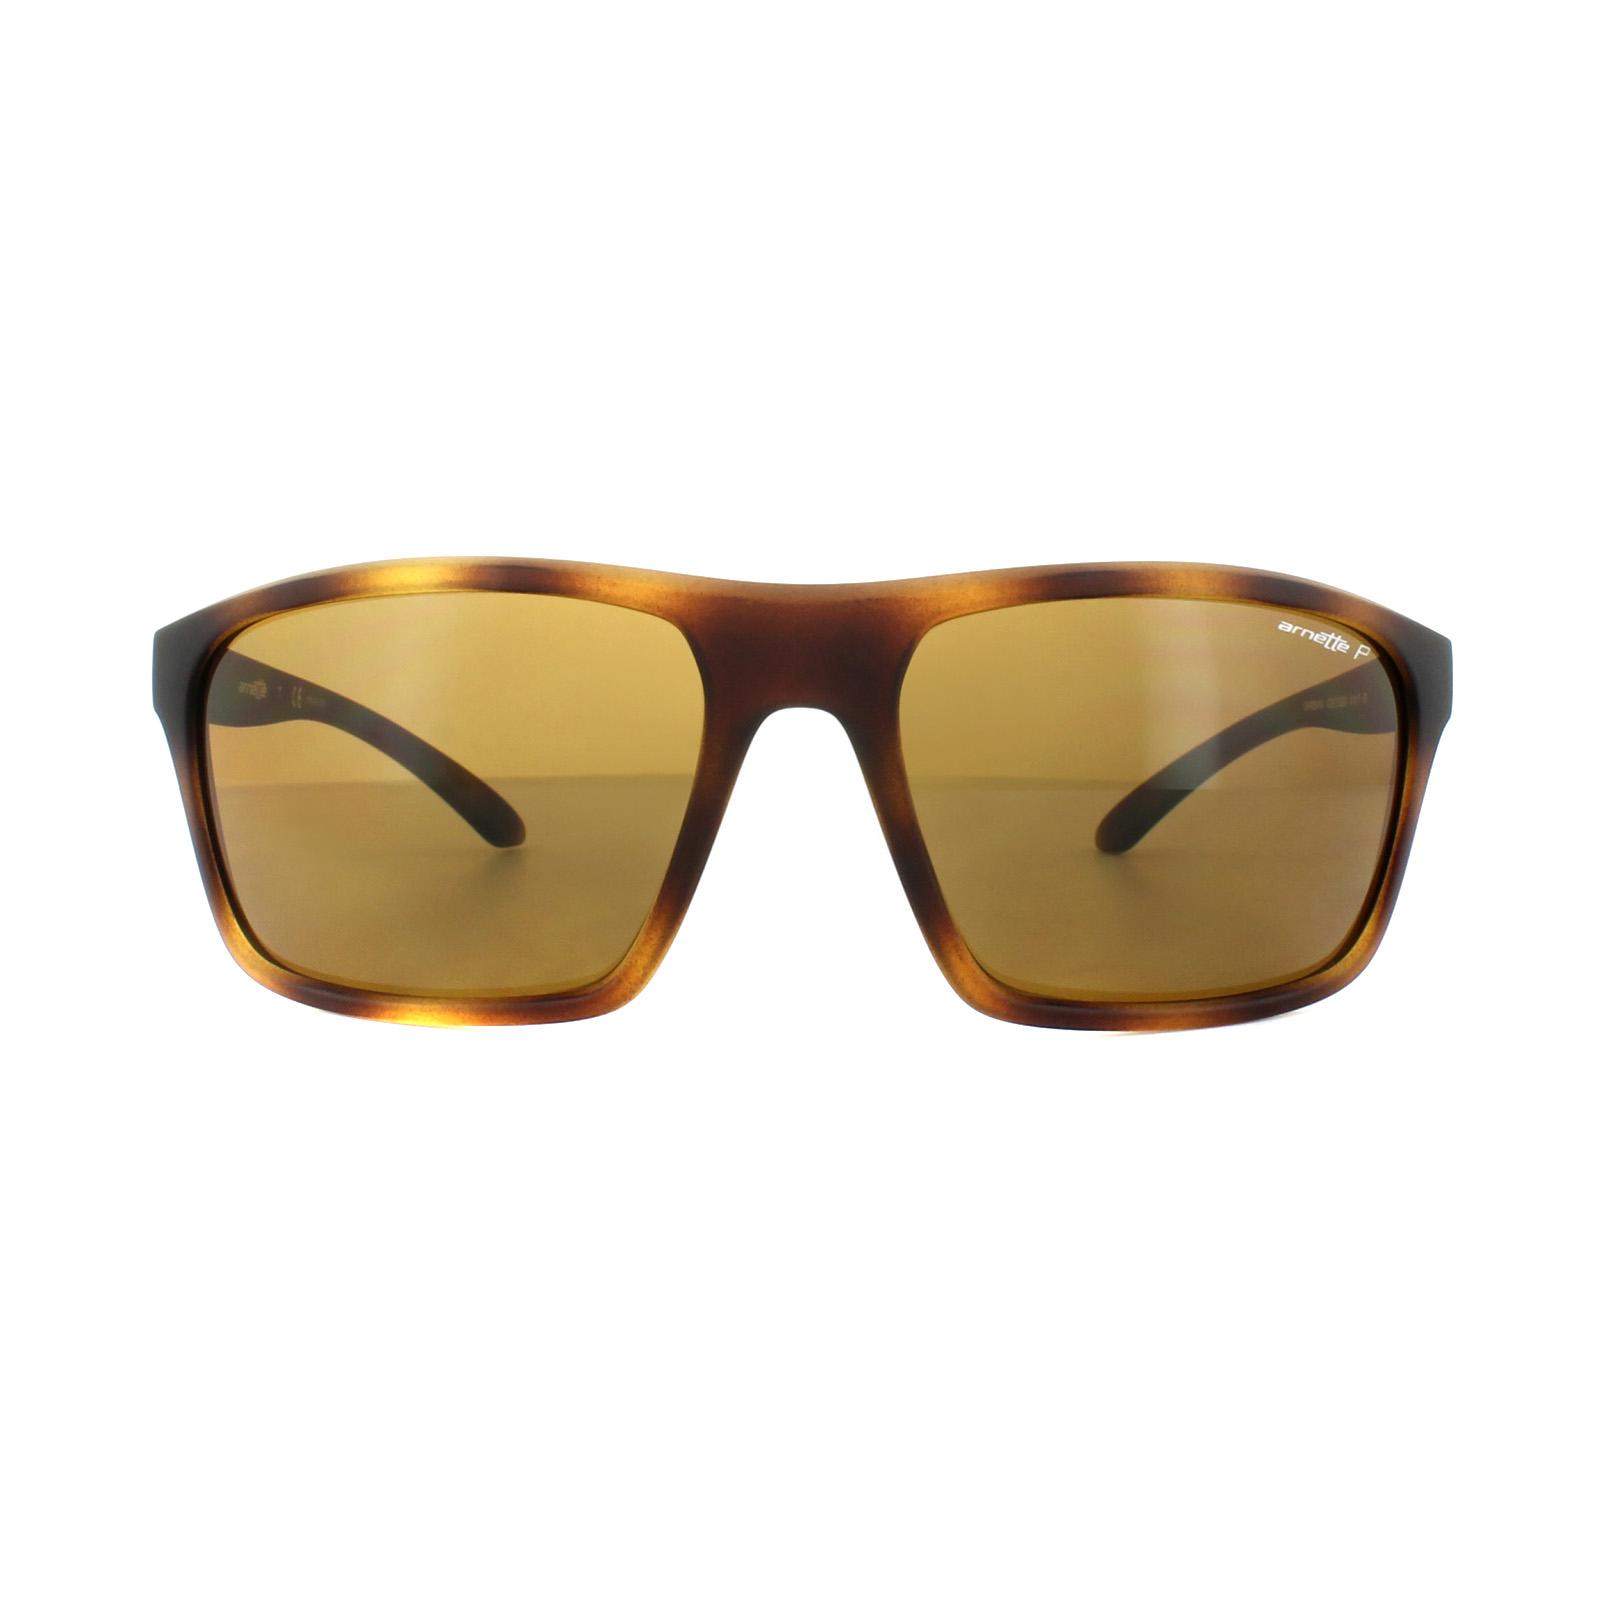 Arnette Herren Sonnenbrille »SANDBANK AN4229«, braun, 215283 - braun/braun